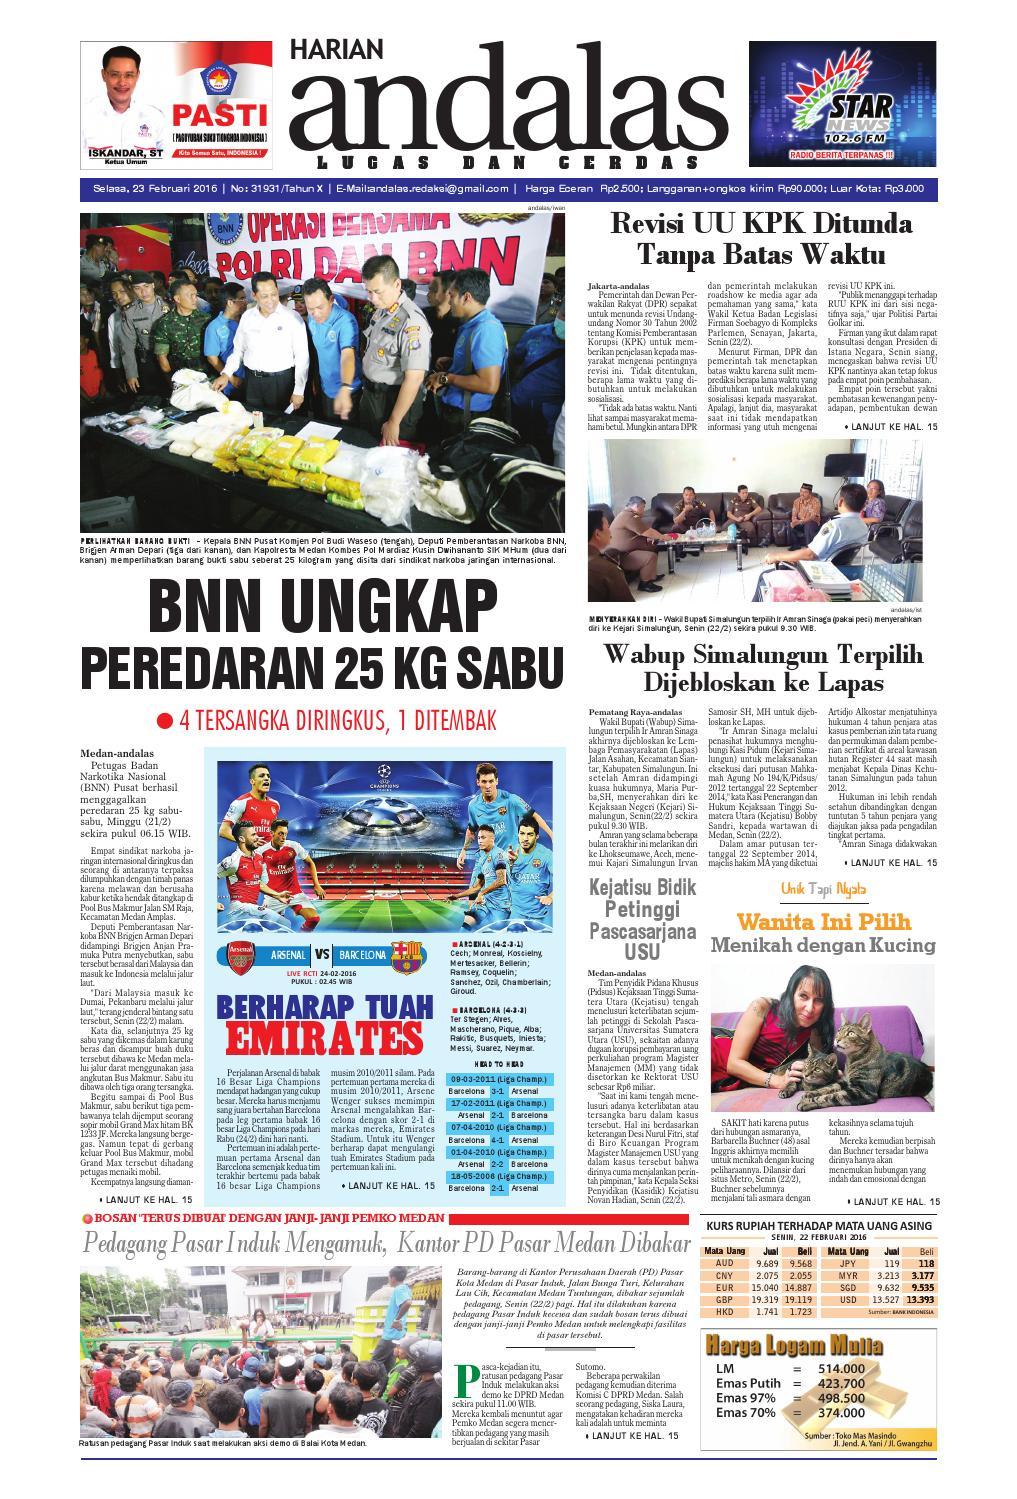 Epaper Andalas Edisi Selasa 23 Februari 2016 By Media Issuu Gendongan Bayi Depan Mbg 6201 Free Ongkir Jabodetabek